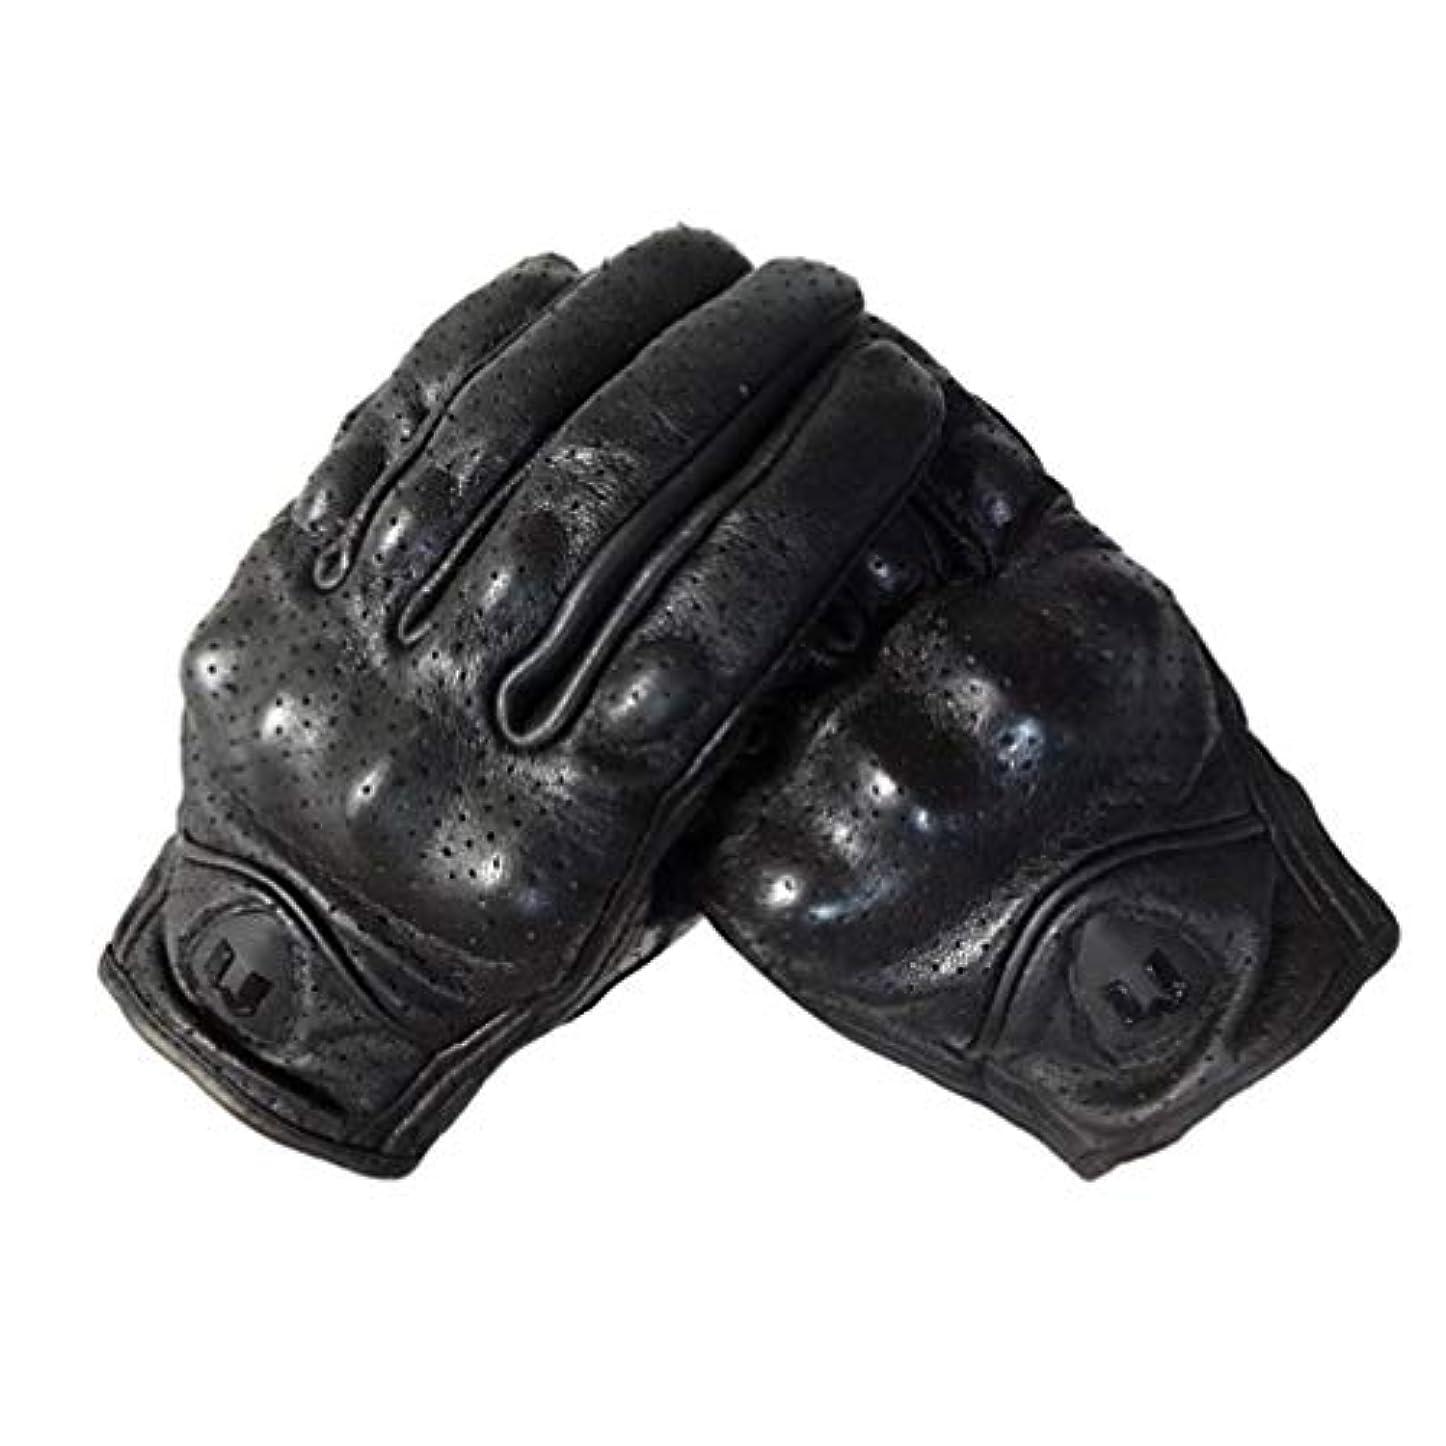 繊維容赦ない重荷LIOOBO 冬革手袋フルフィンガーサイクリング手袋オートバイの手袋運転手袋タッチスクリーン手袋男性用女性